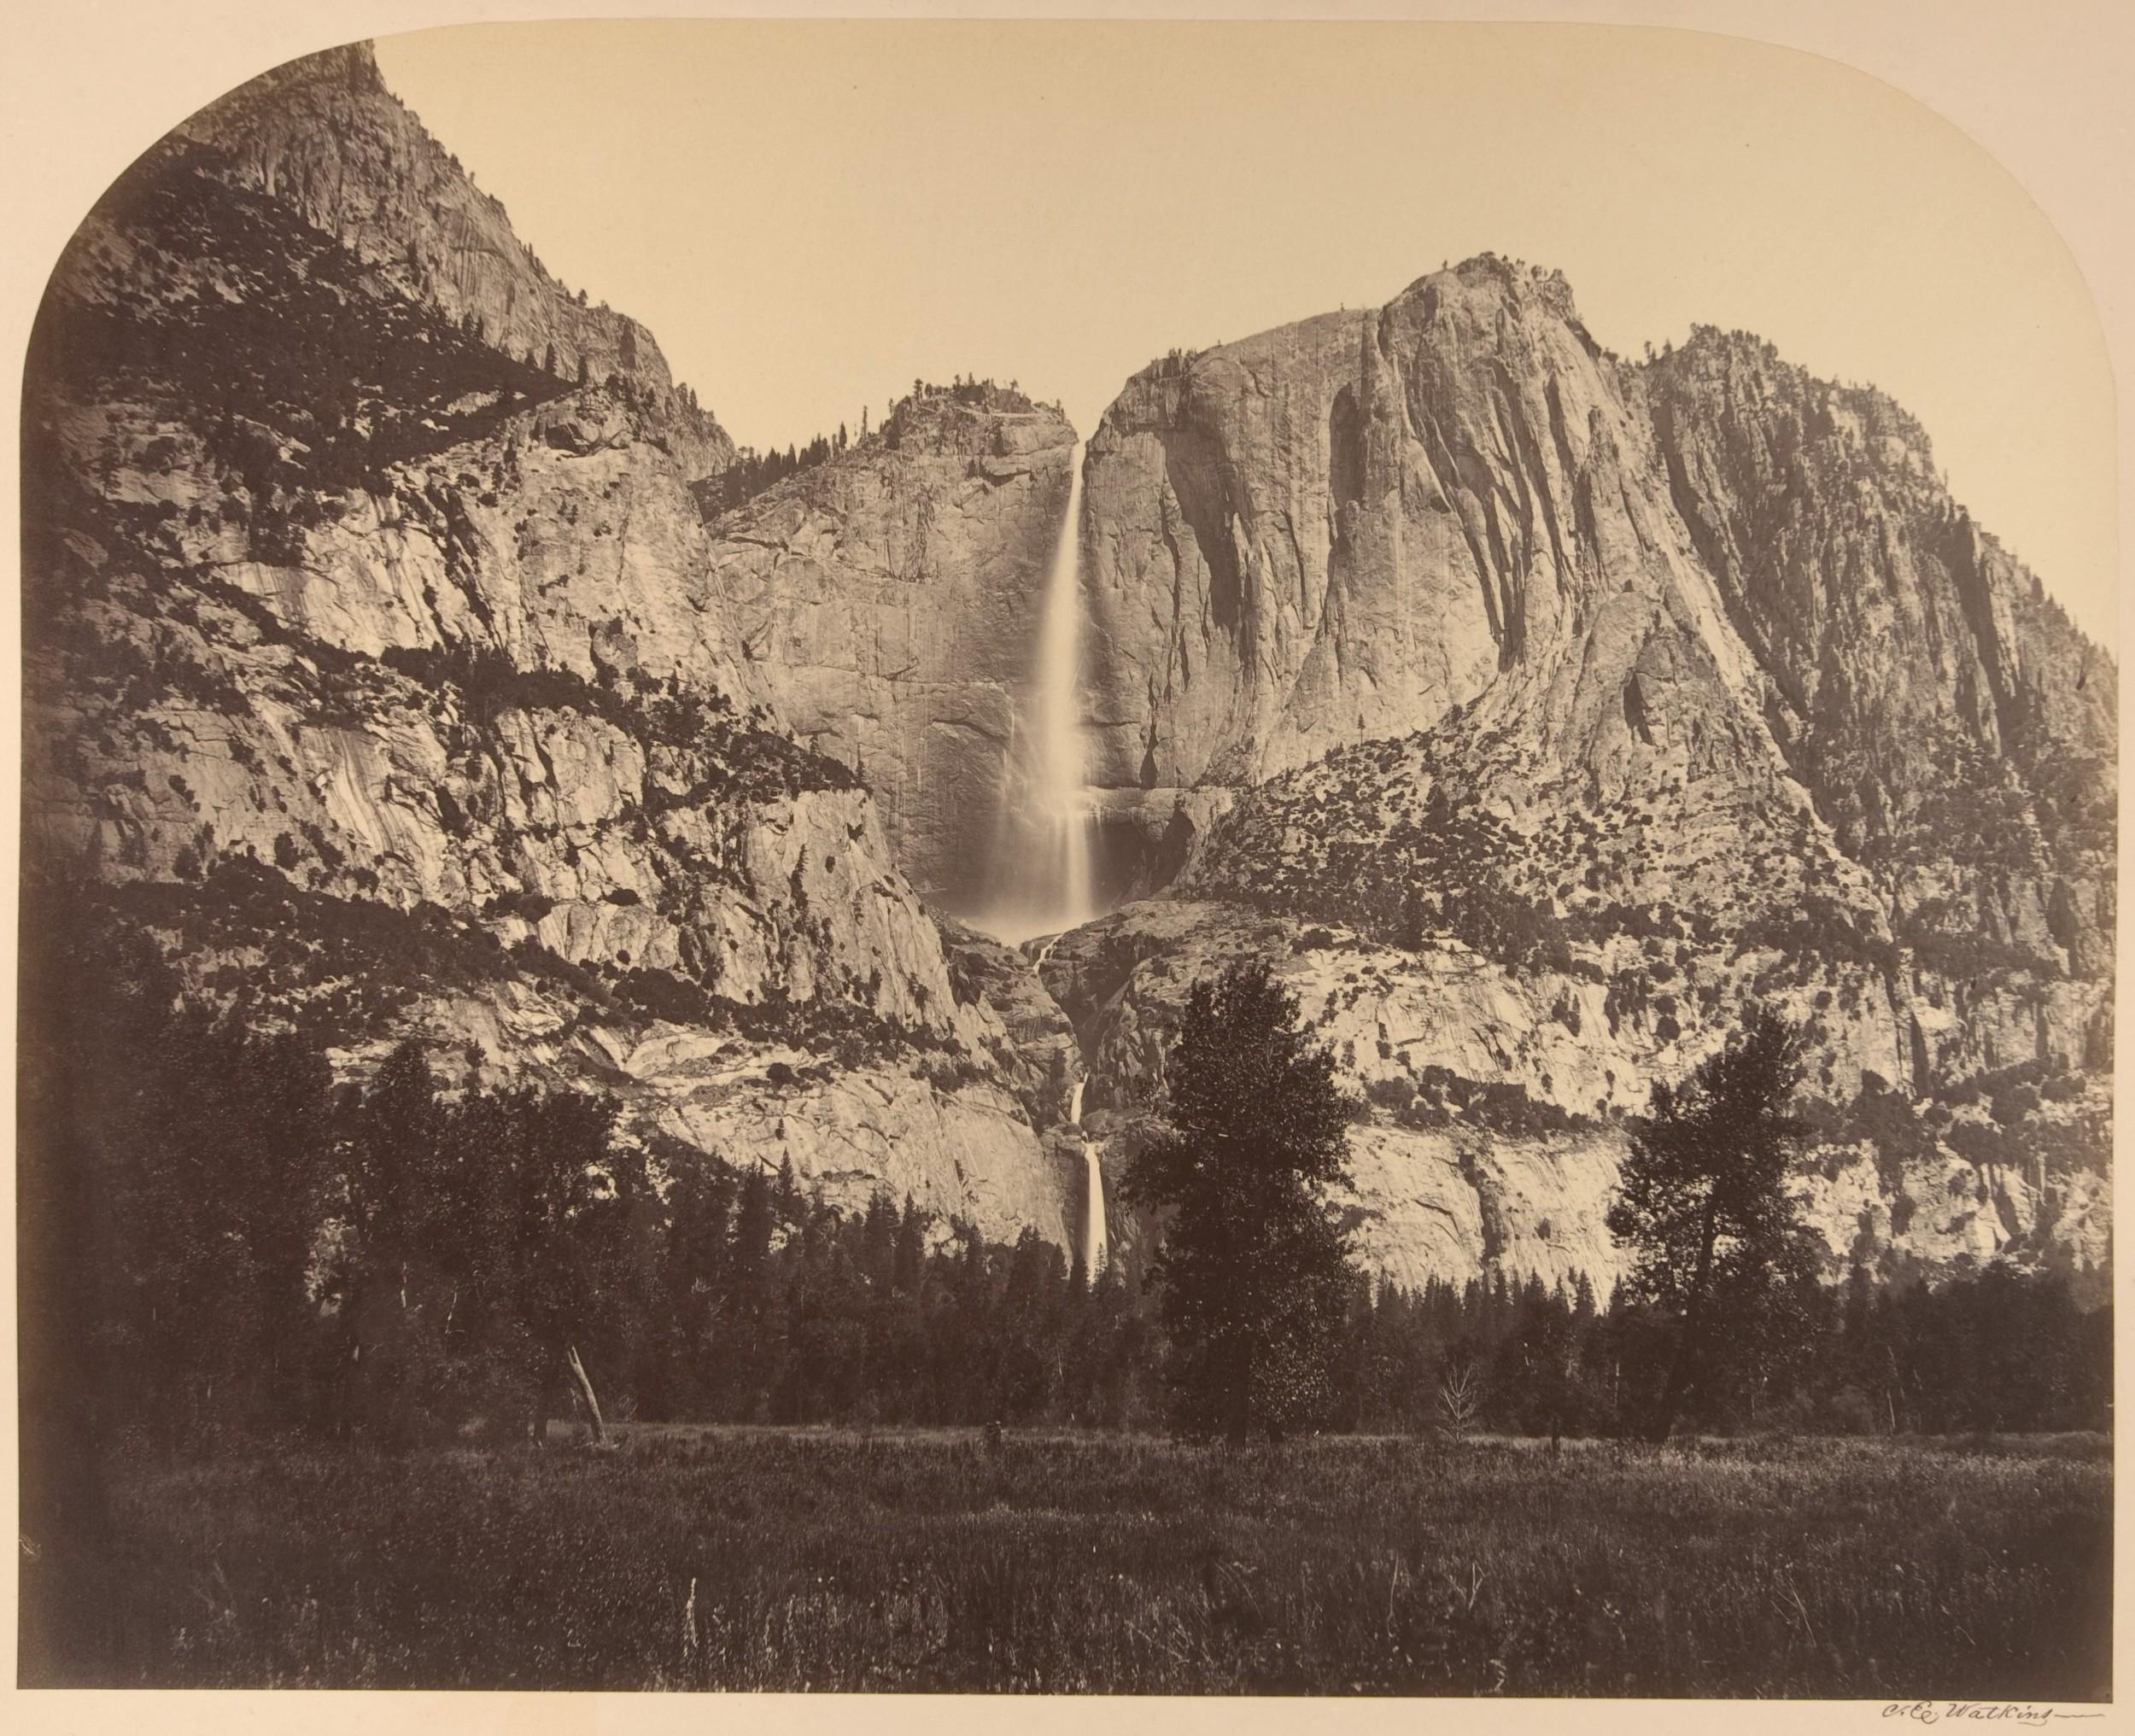 Yosemite Falls, photographed by Carleton E. Watkins, 1861.